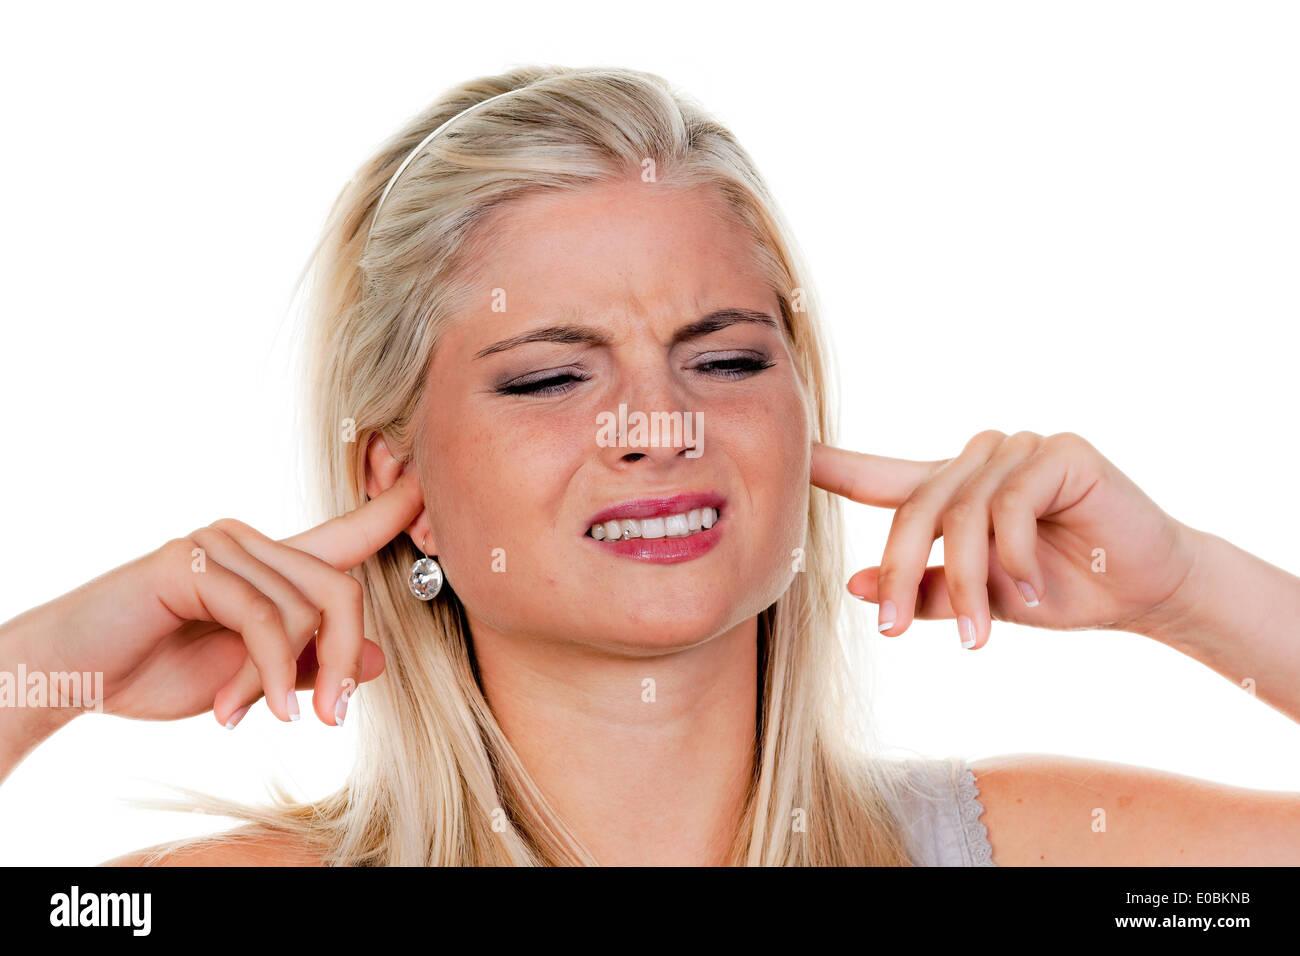 Femme souffre de la pollution sonore, reste fermée à elle-même les oreilles Photo Stock